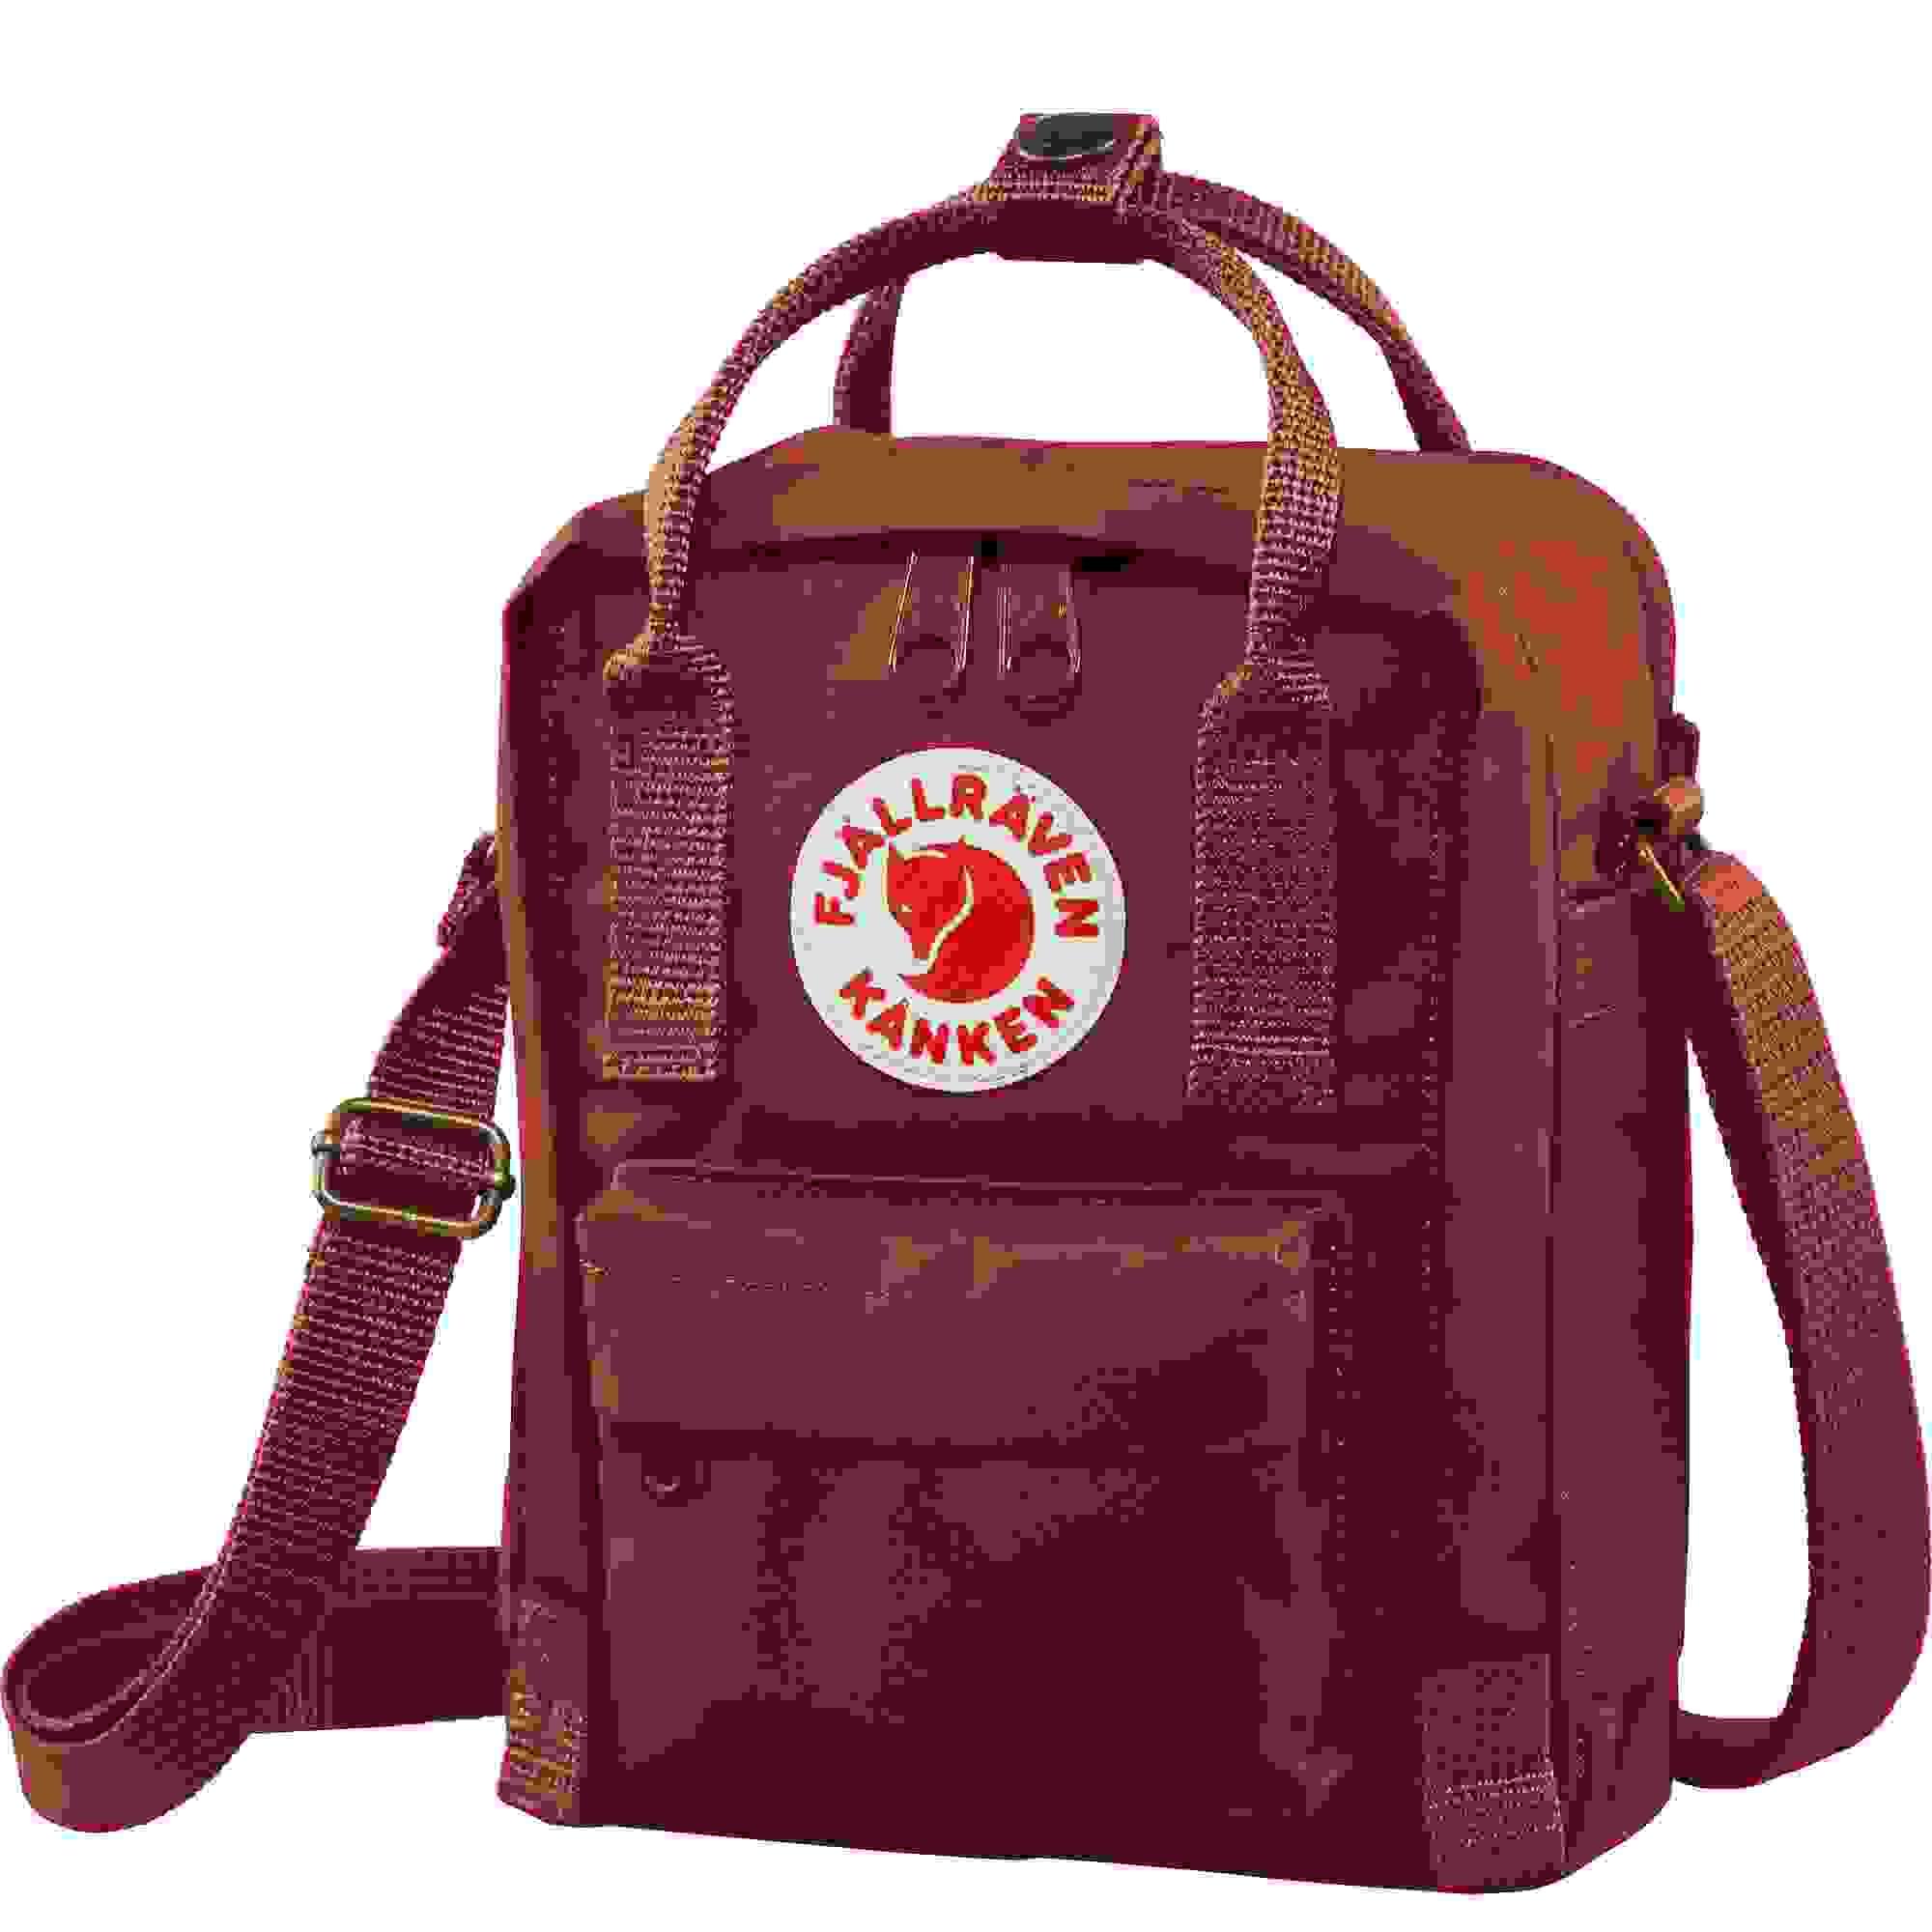 Black-Ox Red Fjallraven Kanken Sling Crossbody Shoulder Bag for Everyday Use and Travel